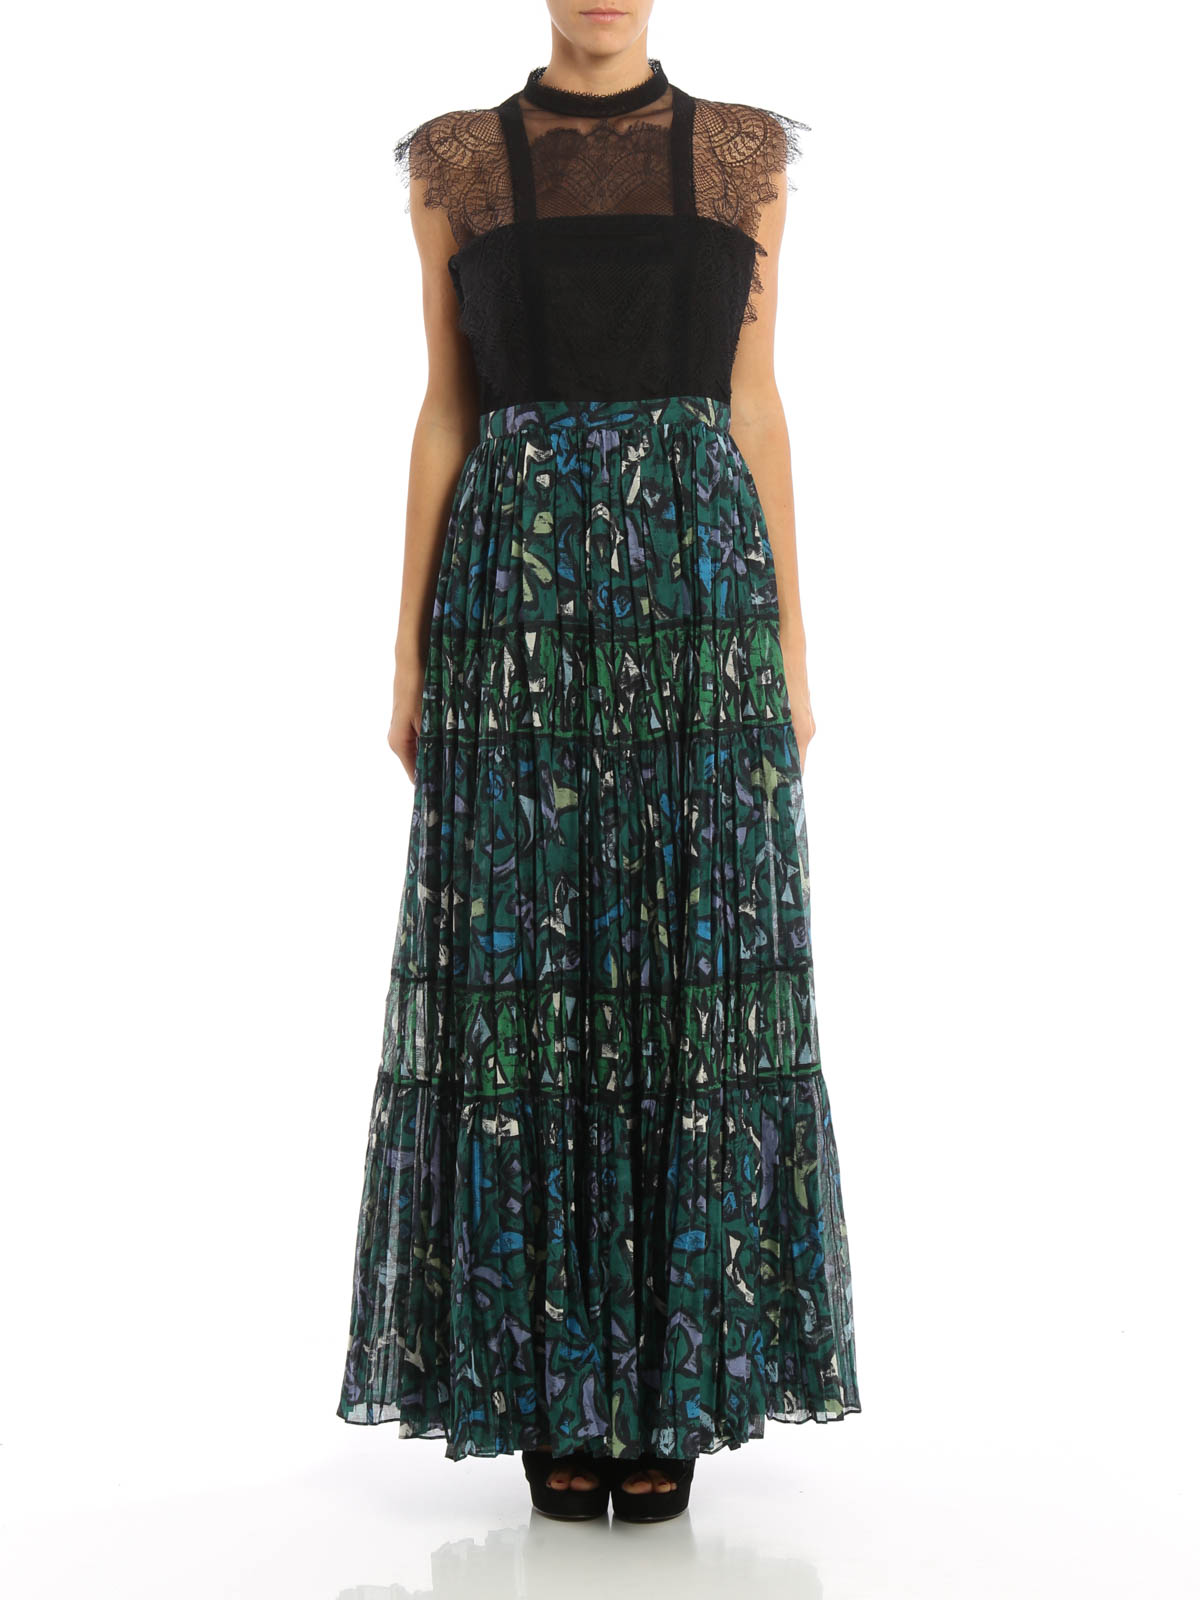 Valentino - Abendkleid - Grün - Abendkleider - MB10VABQ6101DM10